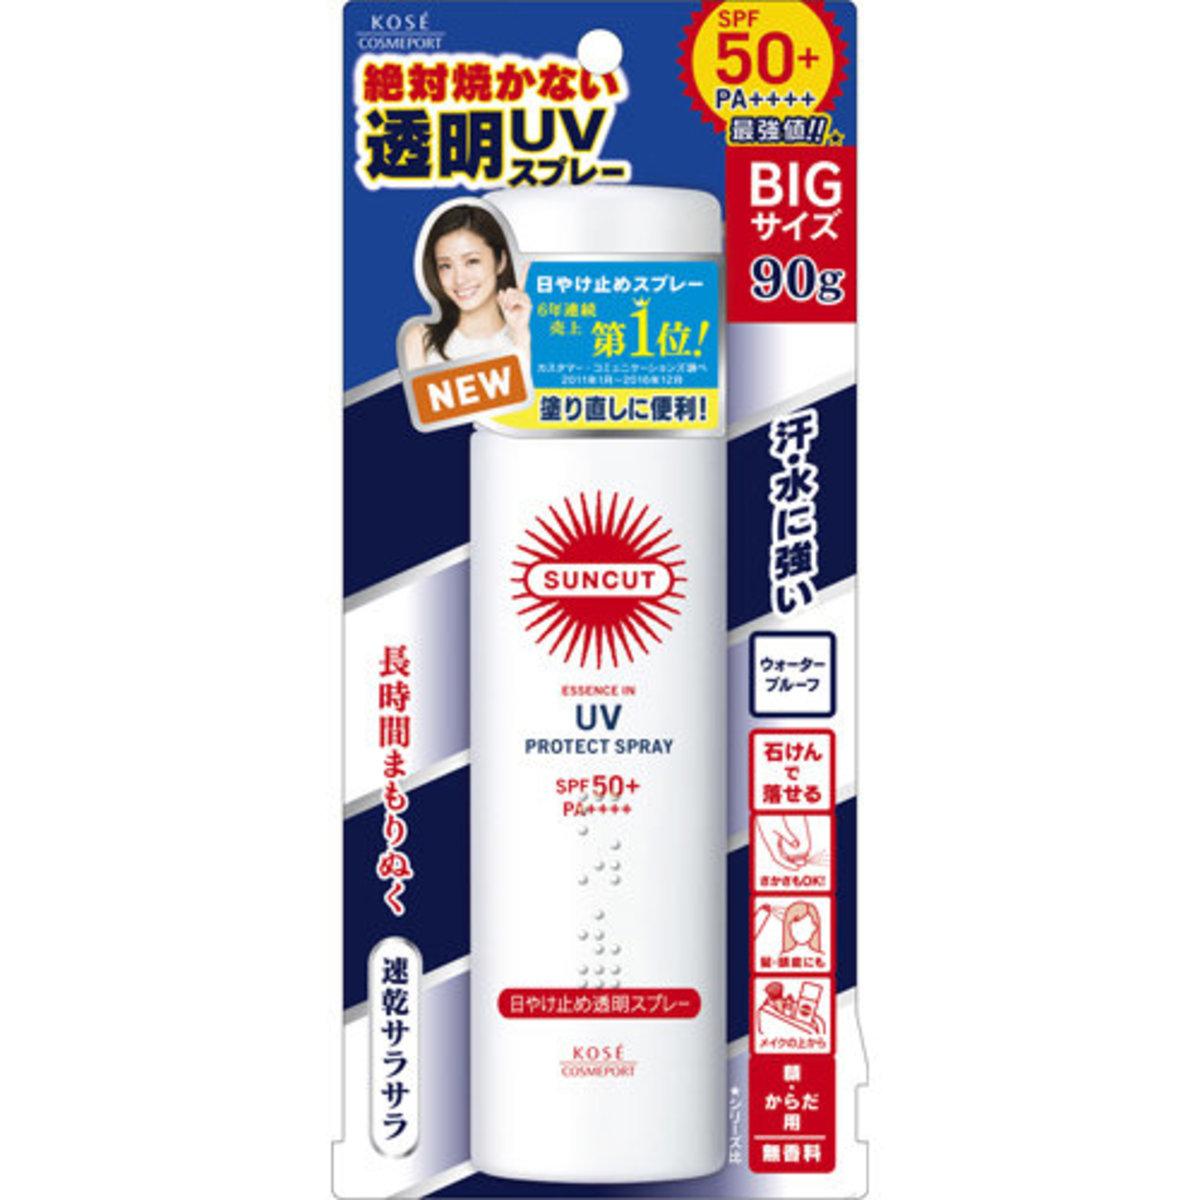 Kose Sun Cut UV Spray SPF50+ PA ++++    ( Non - Fragrance )  (#4971710391817)